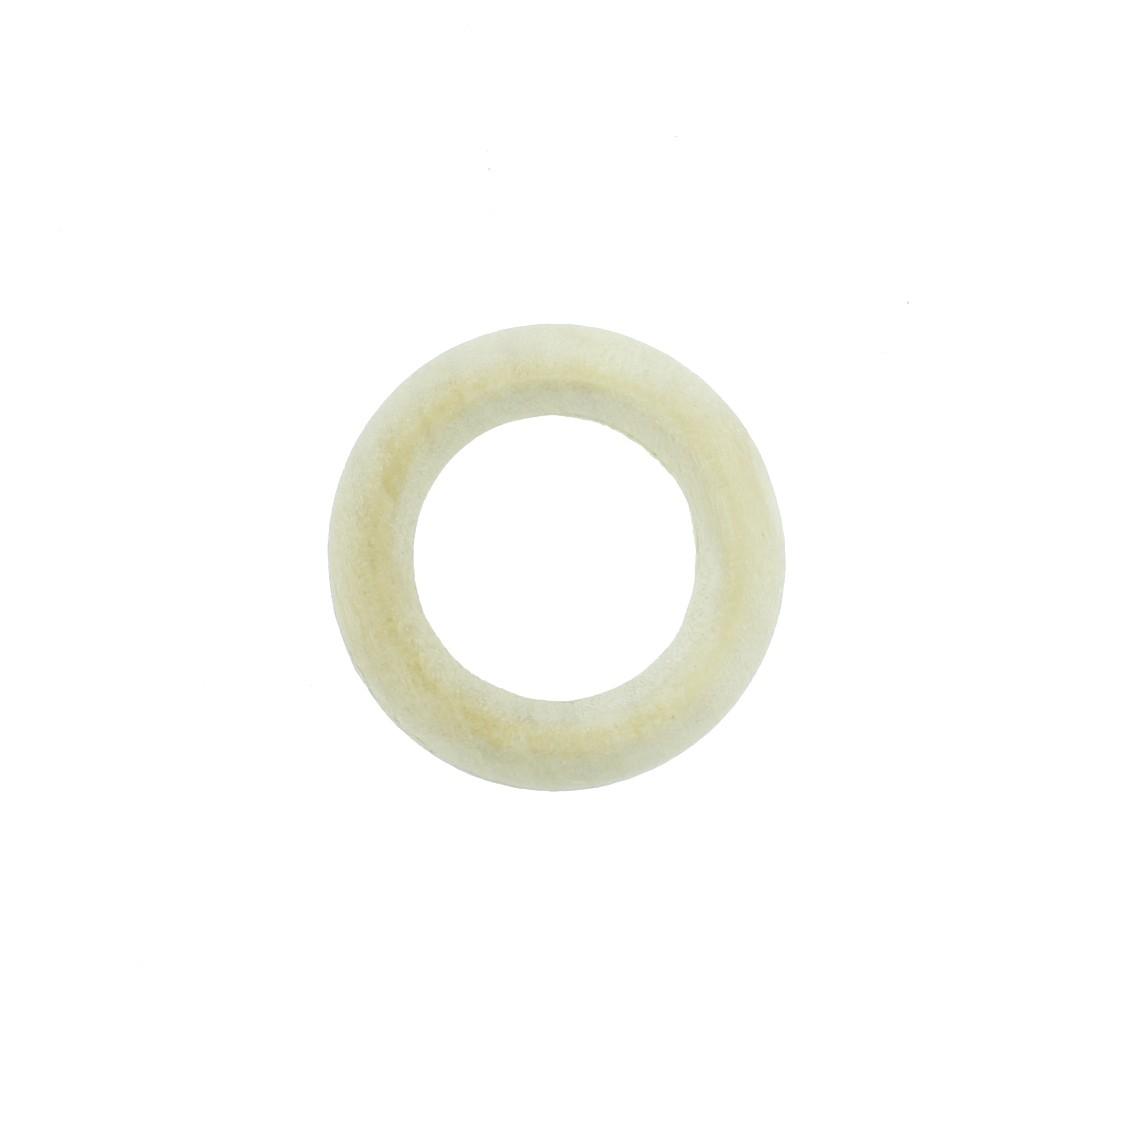 Argola de Madeira - 32mm - Marfim  - Stéphanie Bijoux® - Peças para Bijuterias e Artesanato